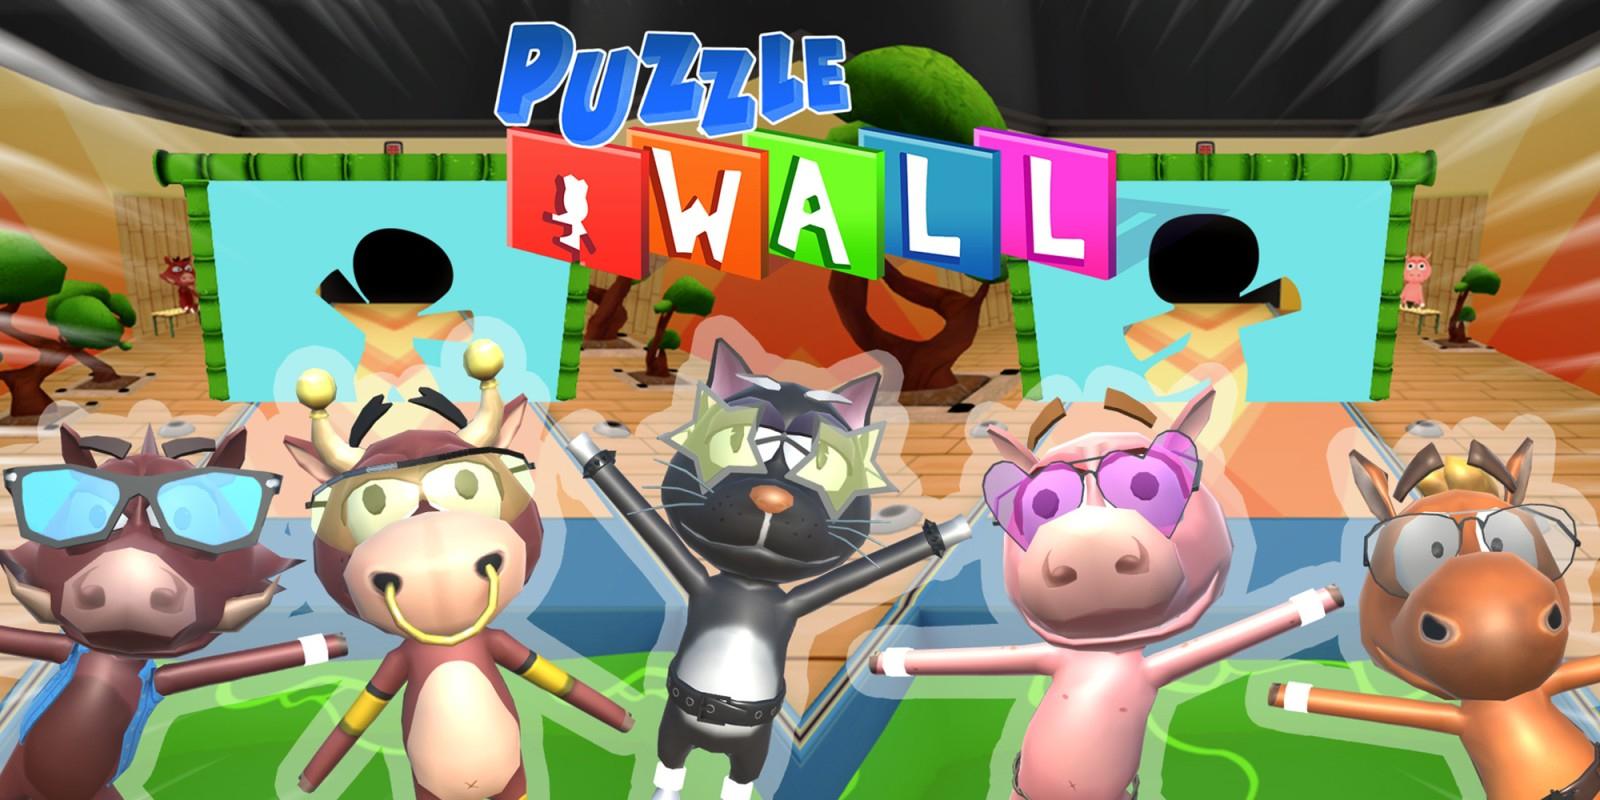 Puzzle Wall | Jeux À Télécharger Sur Nintendo Switch | Jeux destiné Puzzle Gratuit A Telecharger Pour Tablette